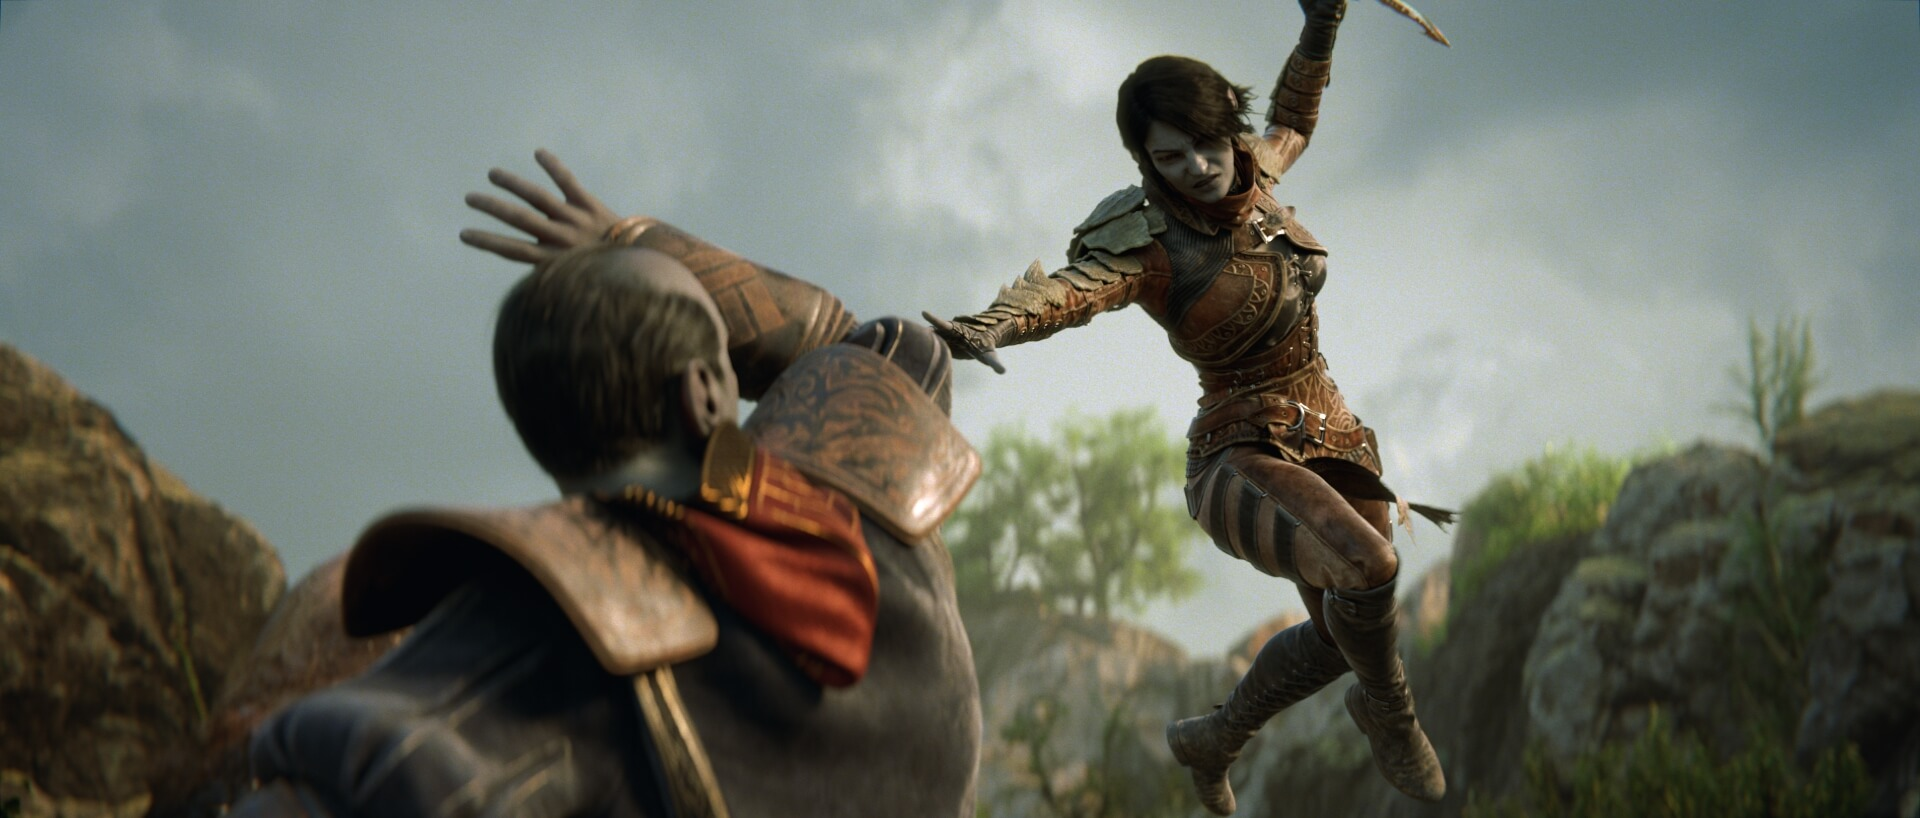 Morrowind in The Elder Scrolls Online.